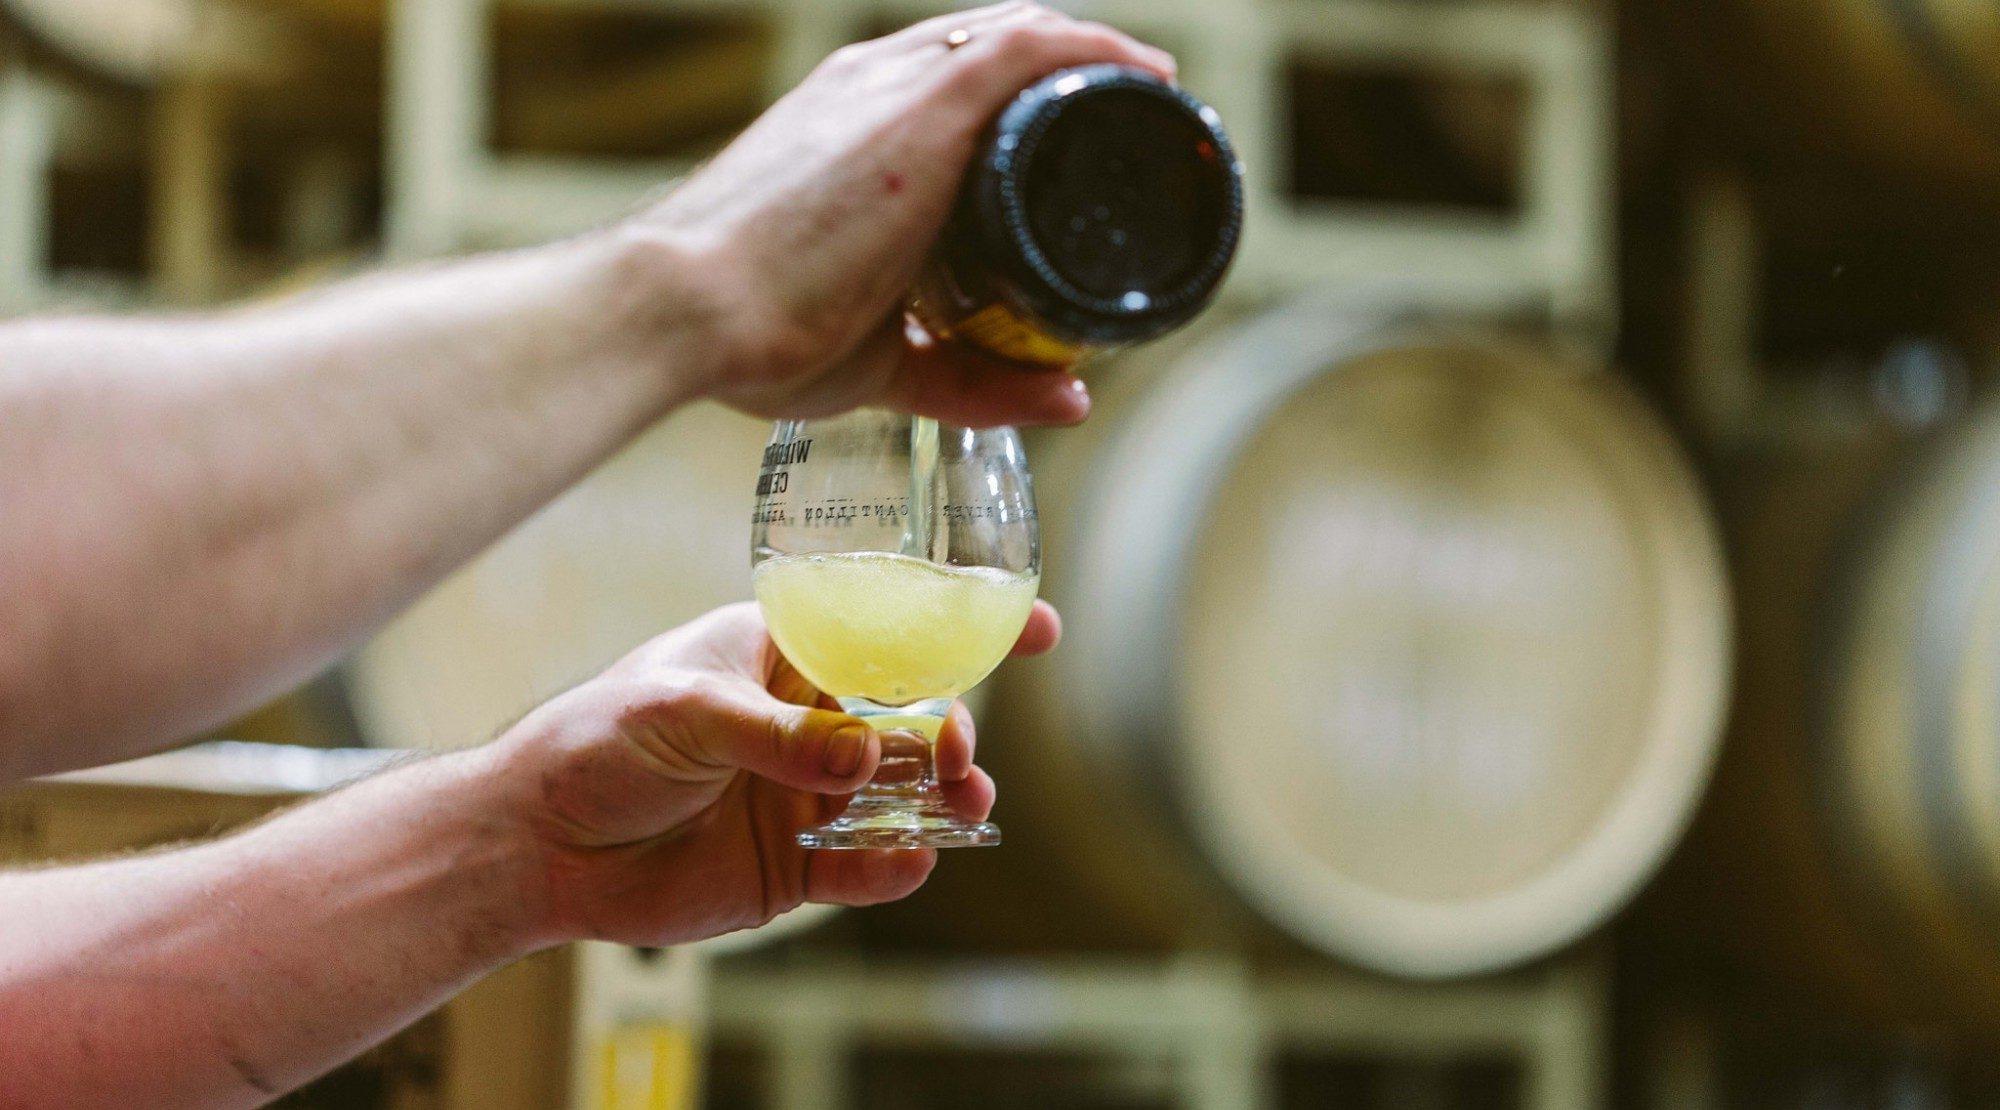 cerveza ácida o cerveza sour - Birra365